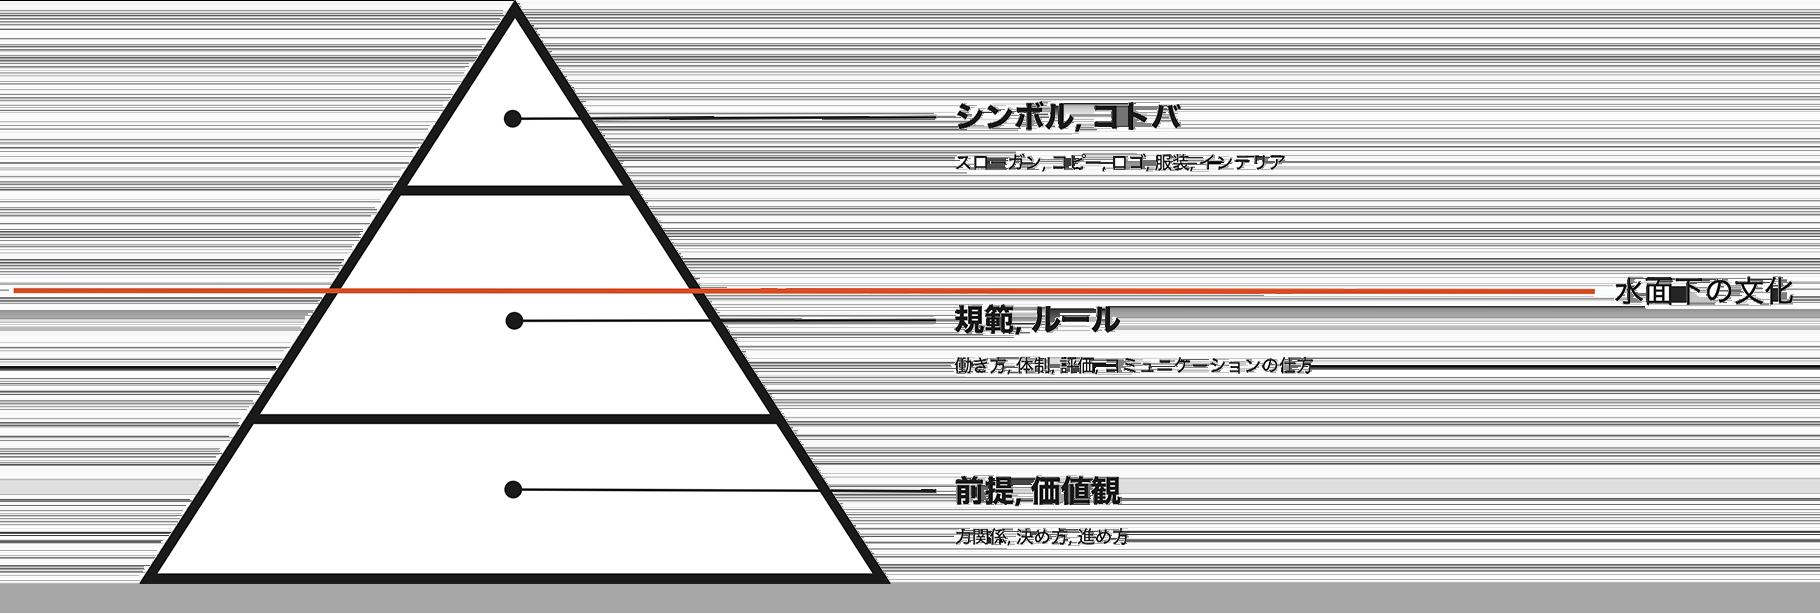 組織文化の構造図